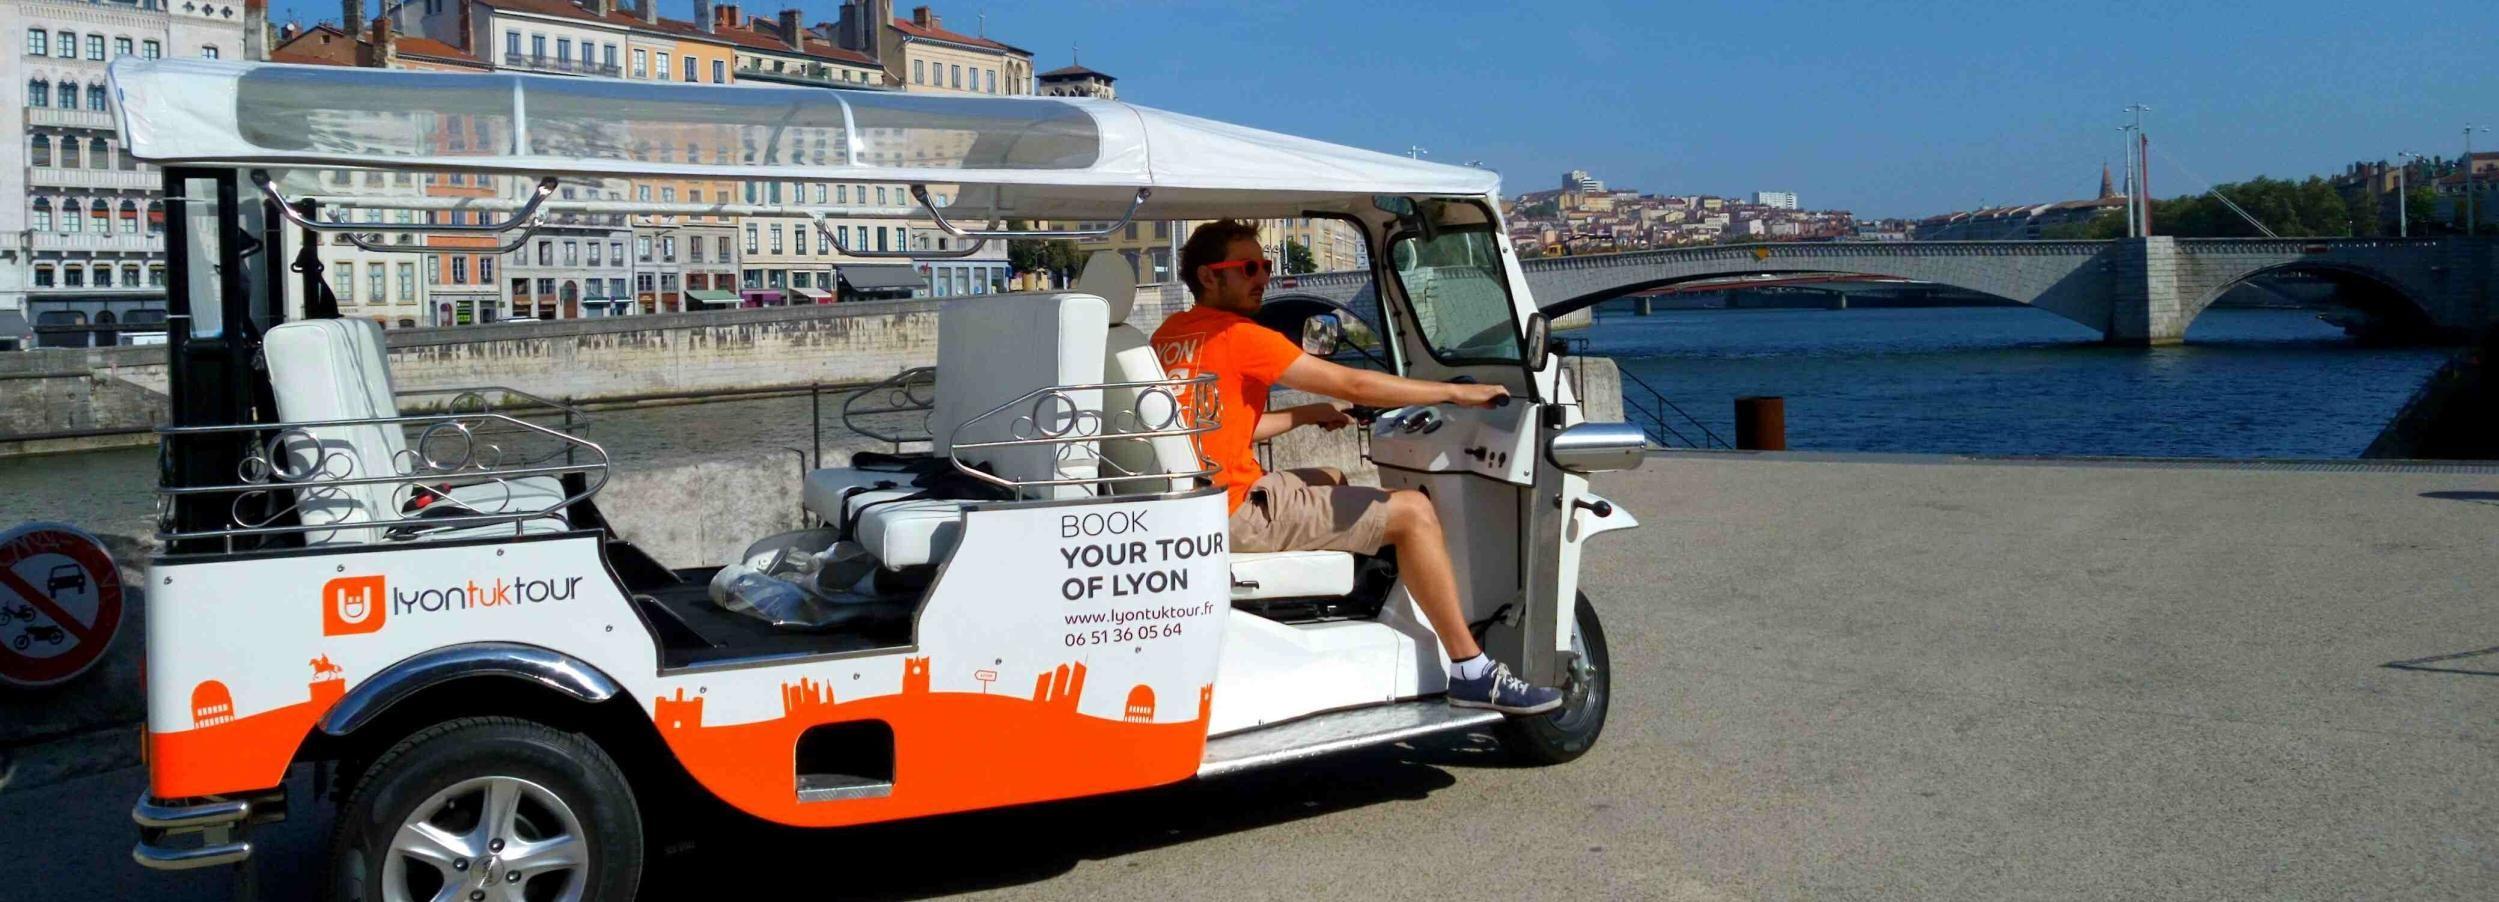 Lyon: Guided City Tour by Electric Tuk Tuk